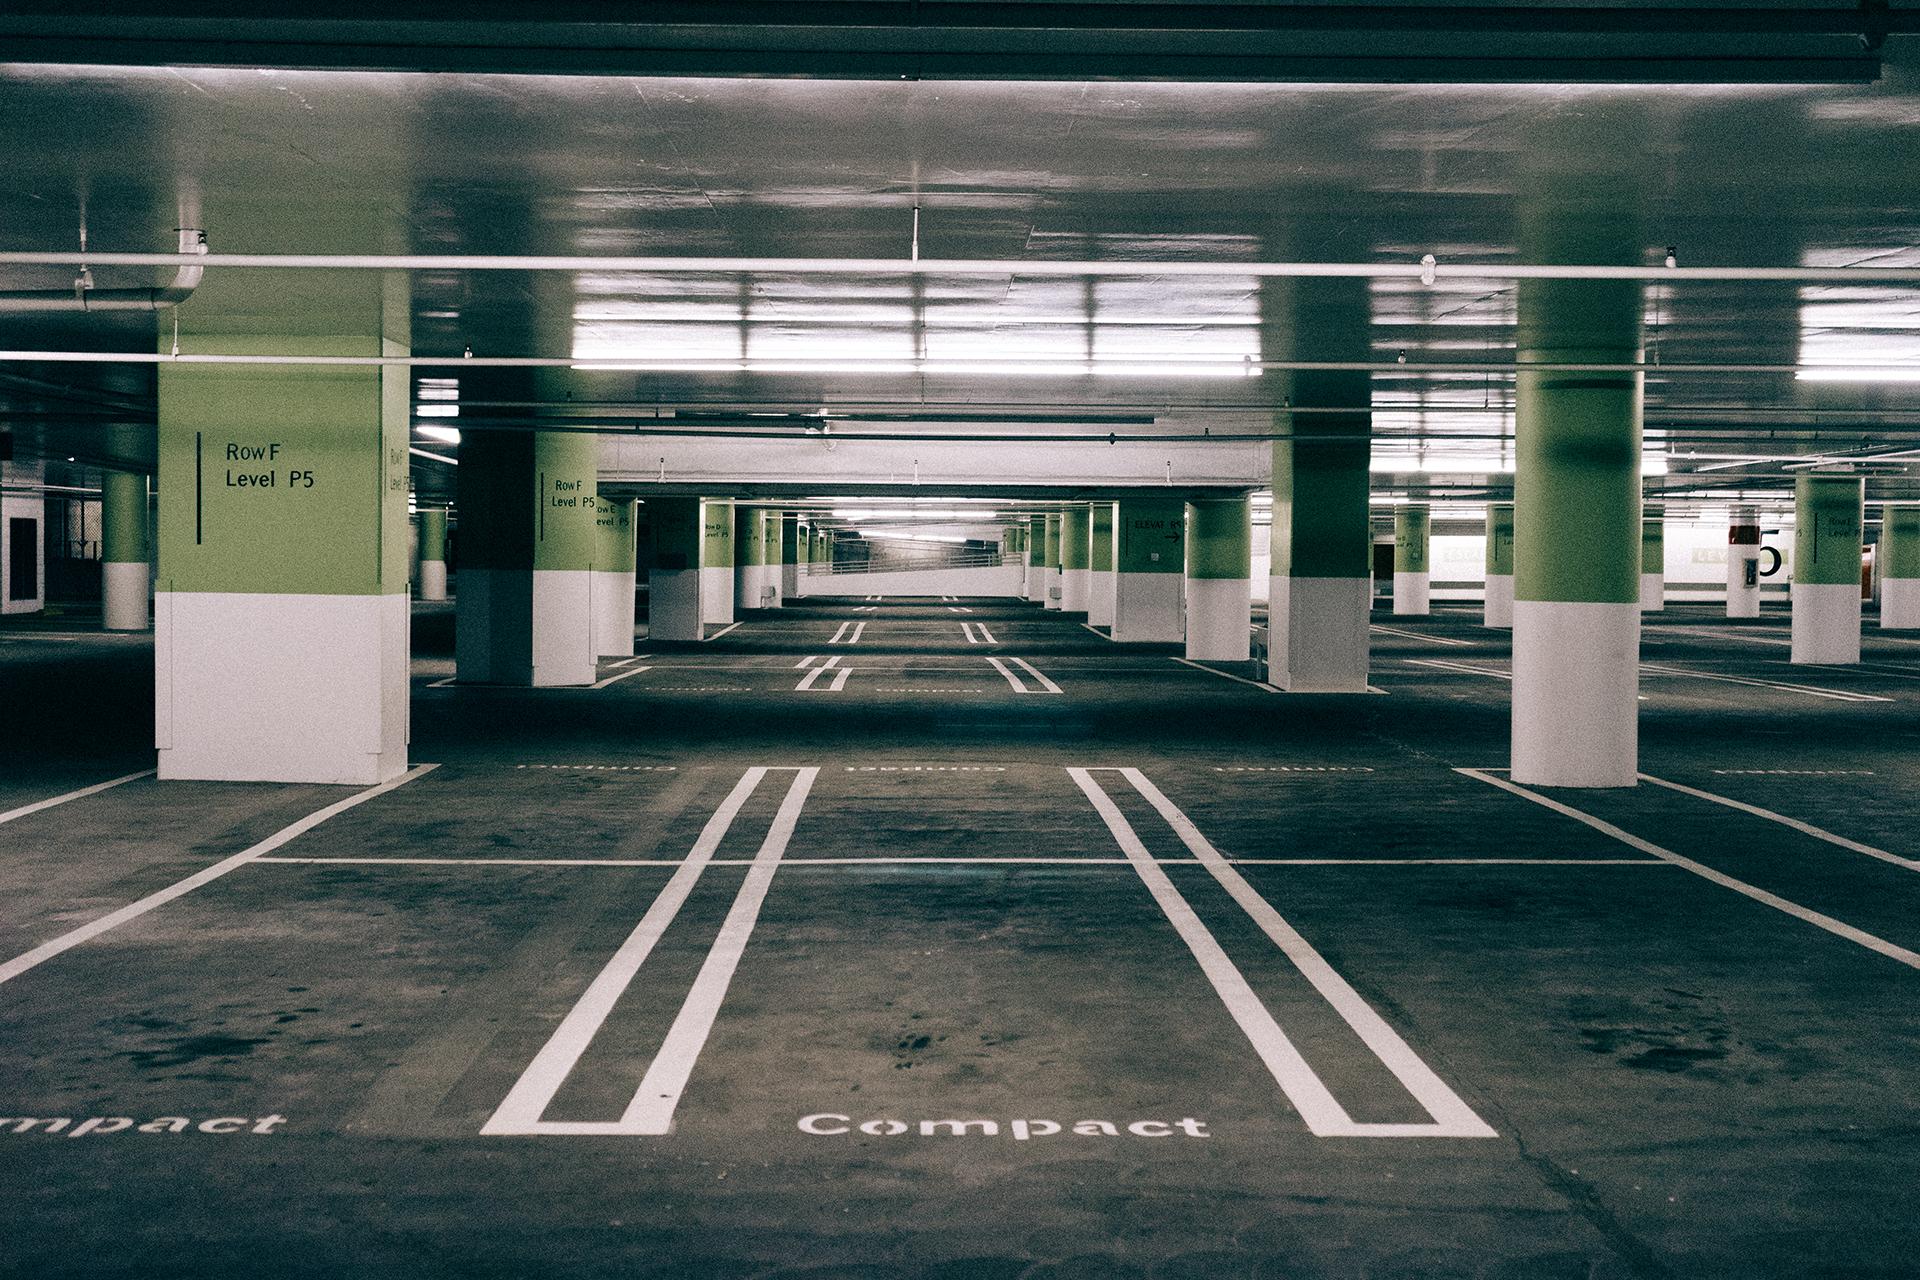 car parking valet